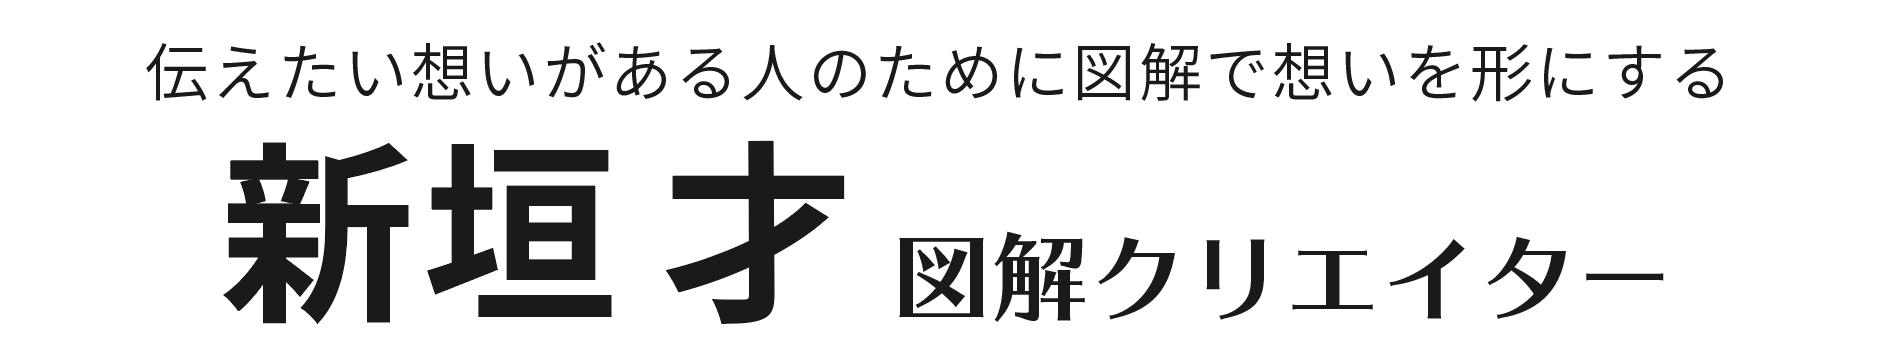 新垣才公式ホームページ